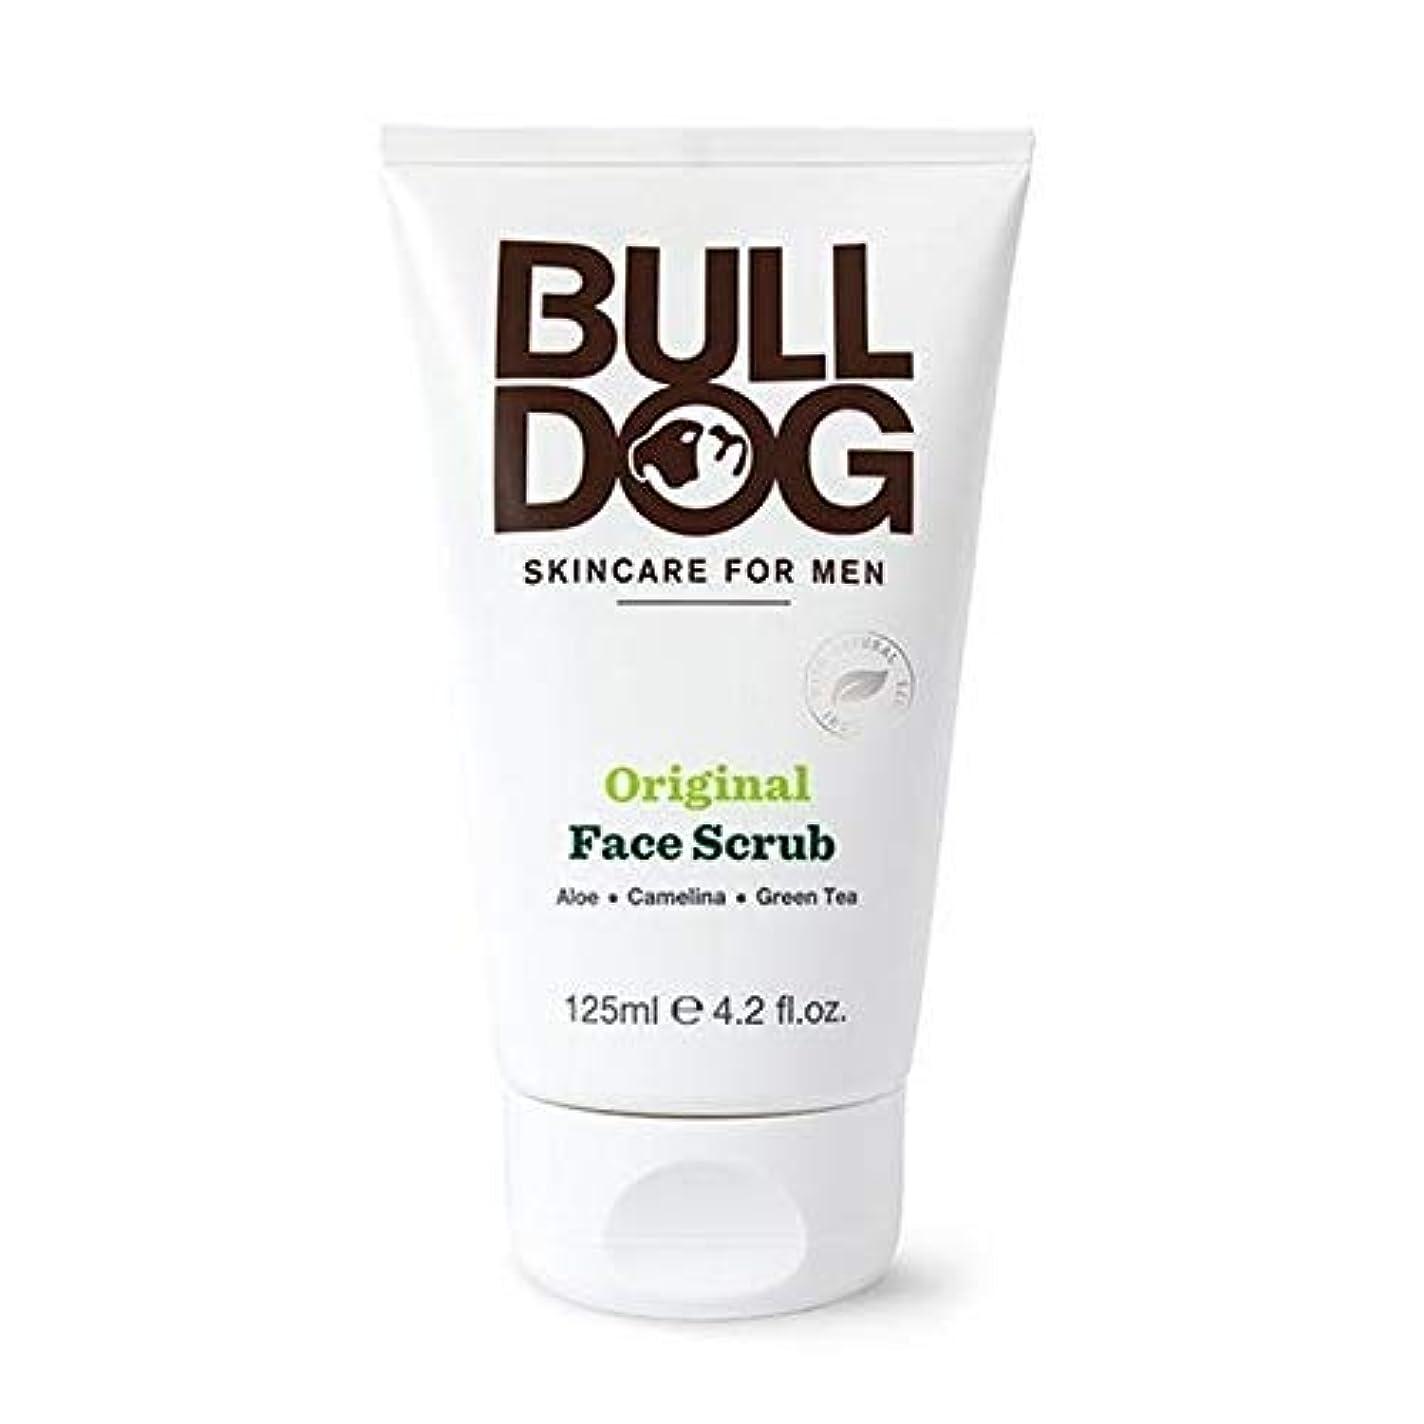 立派なあいまいな干ばつ[Bulldog] ブルドッグ、元の顔スクラブ125ミリリットル - Bulldog Original Face Scrub 125ml [並行輸入品]